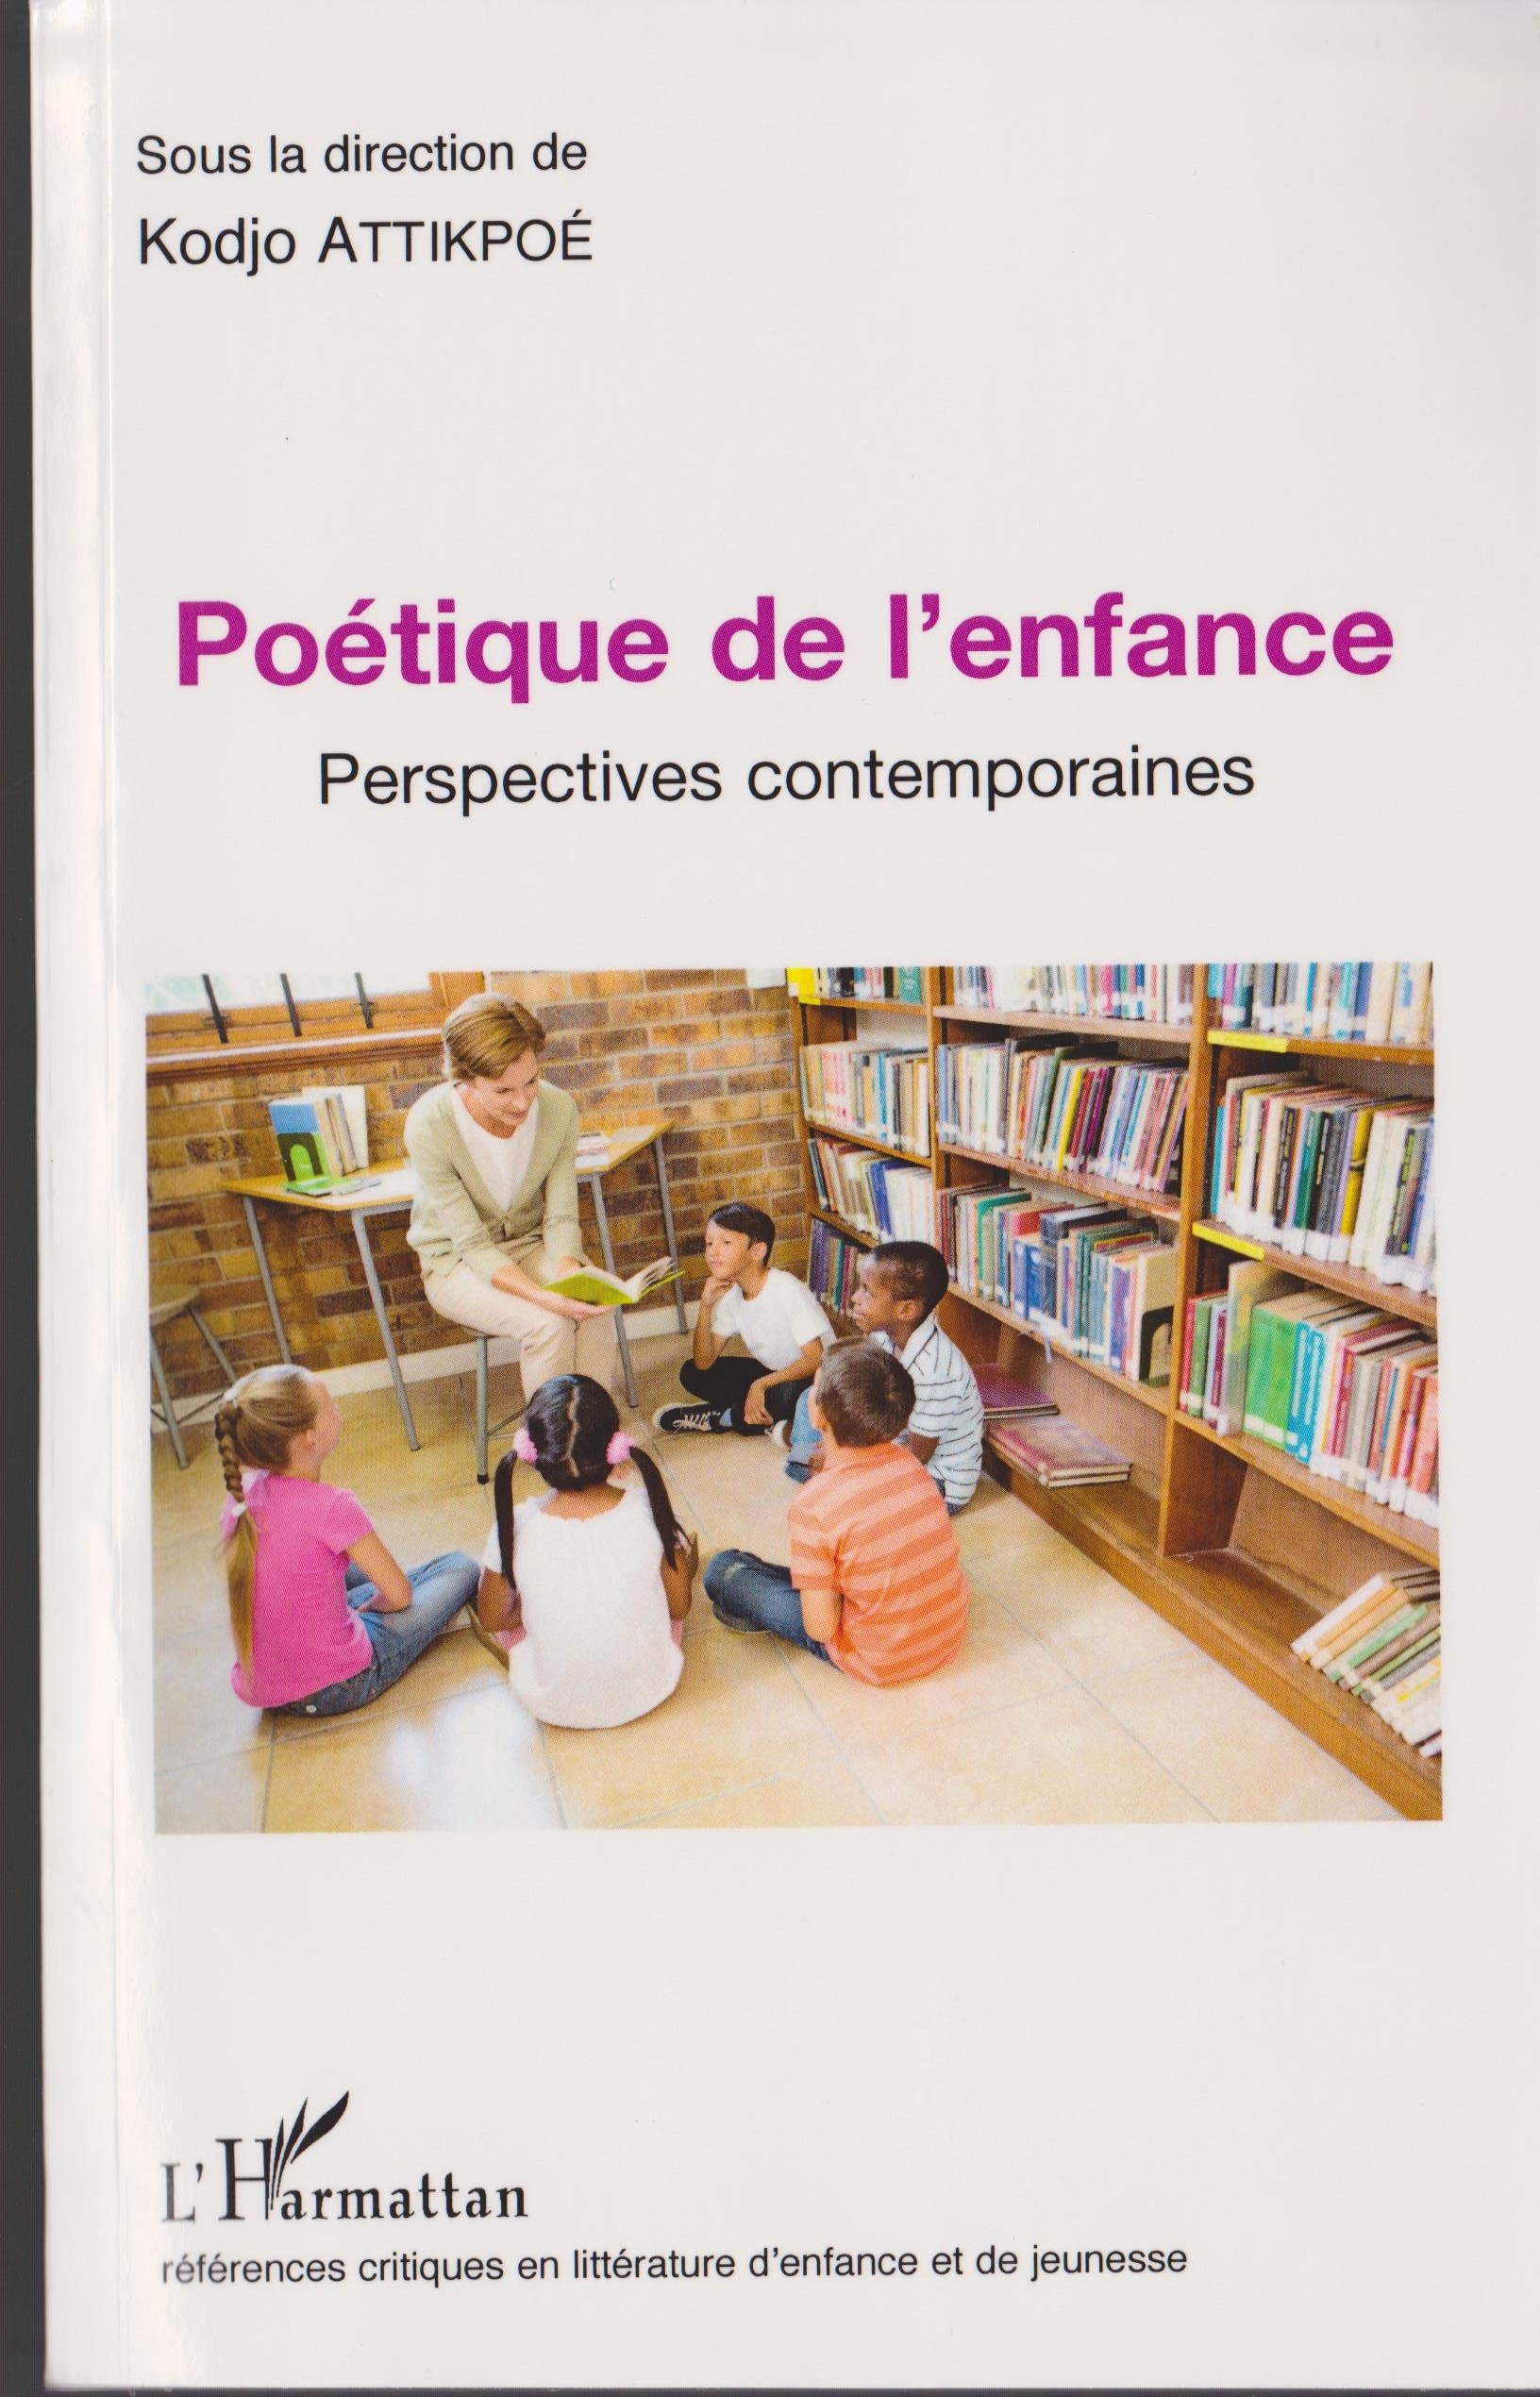 Kodjo Attikpoé (dir.), Poétique de l'enfance. Perspectives contemporaines